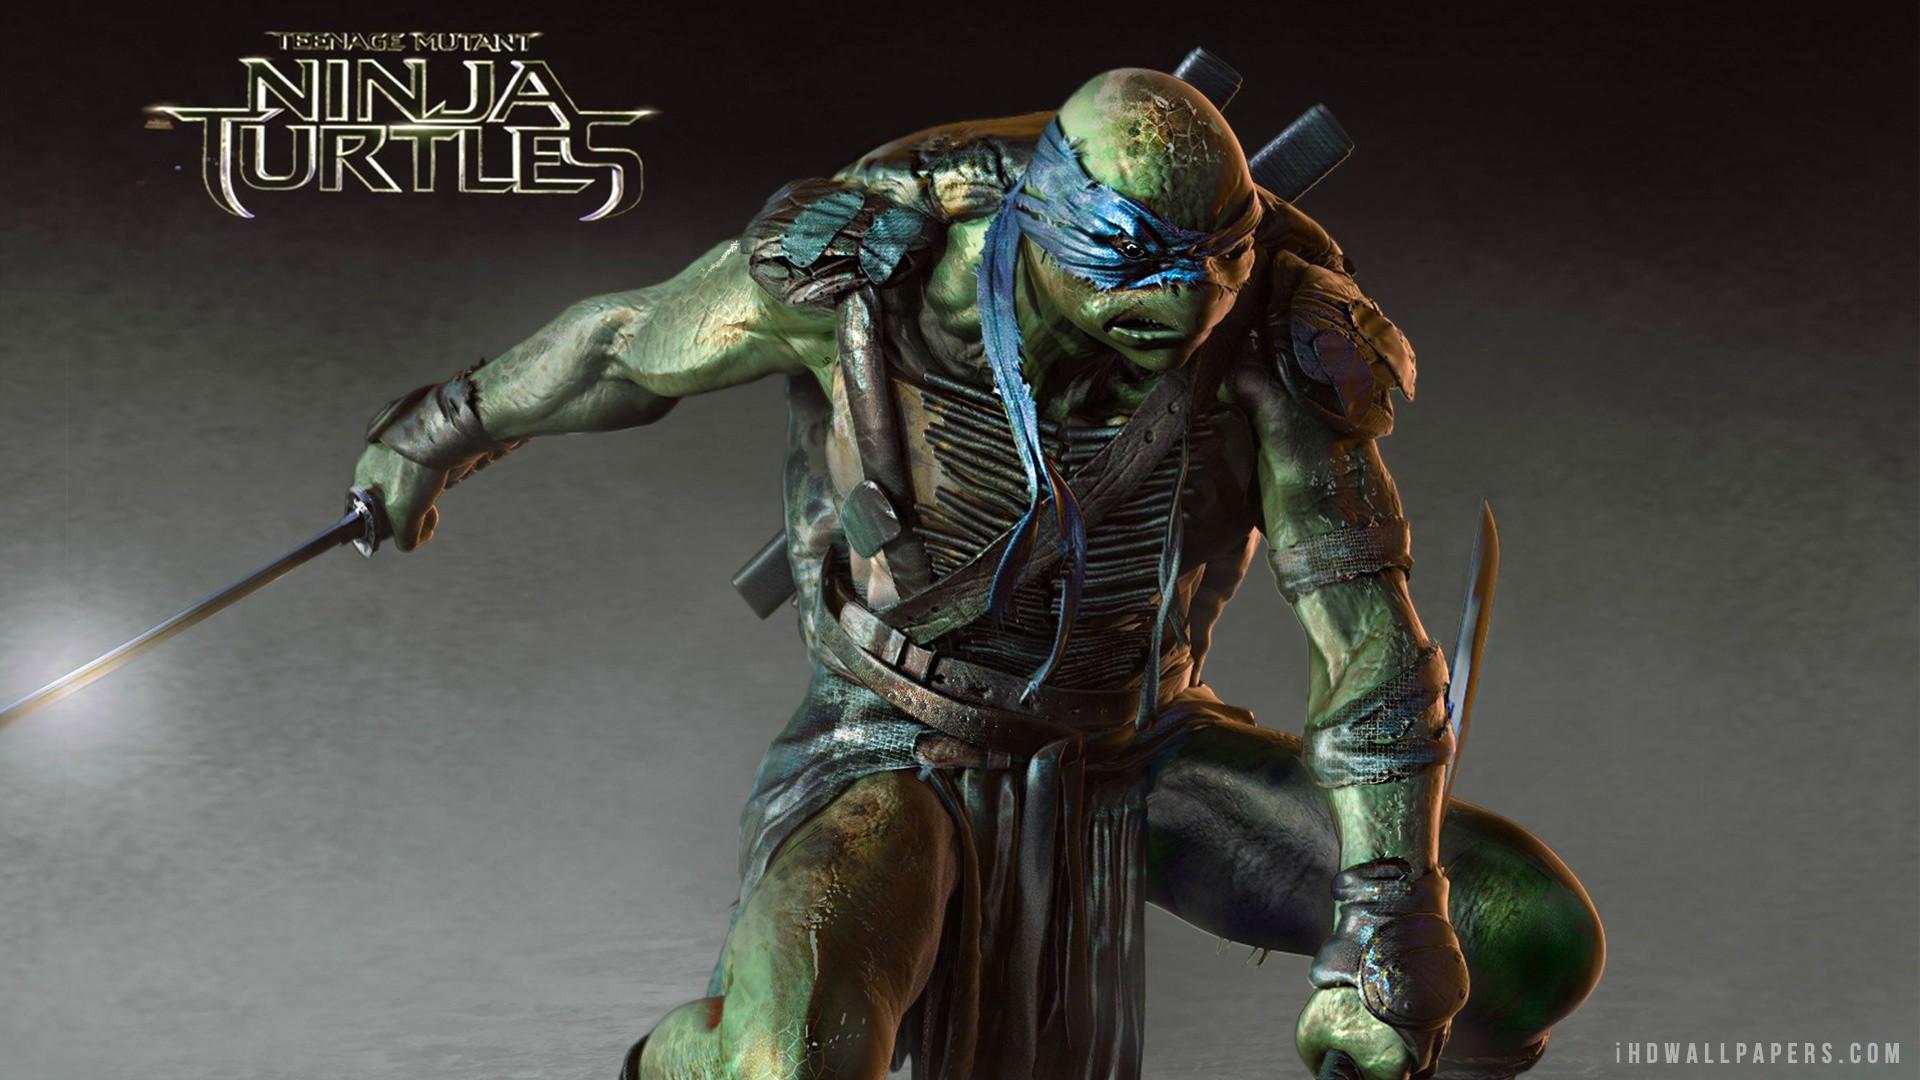 Leonardo Teenage Mutant Ninja Turtles Wallpapers Free Desktop